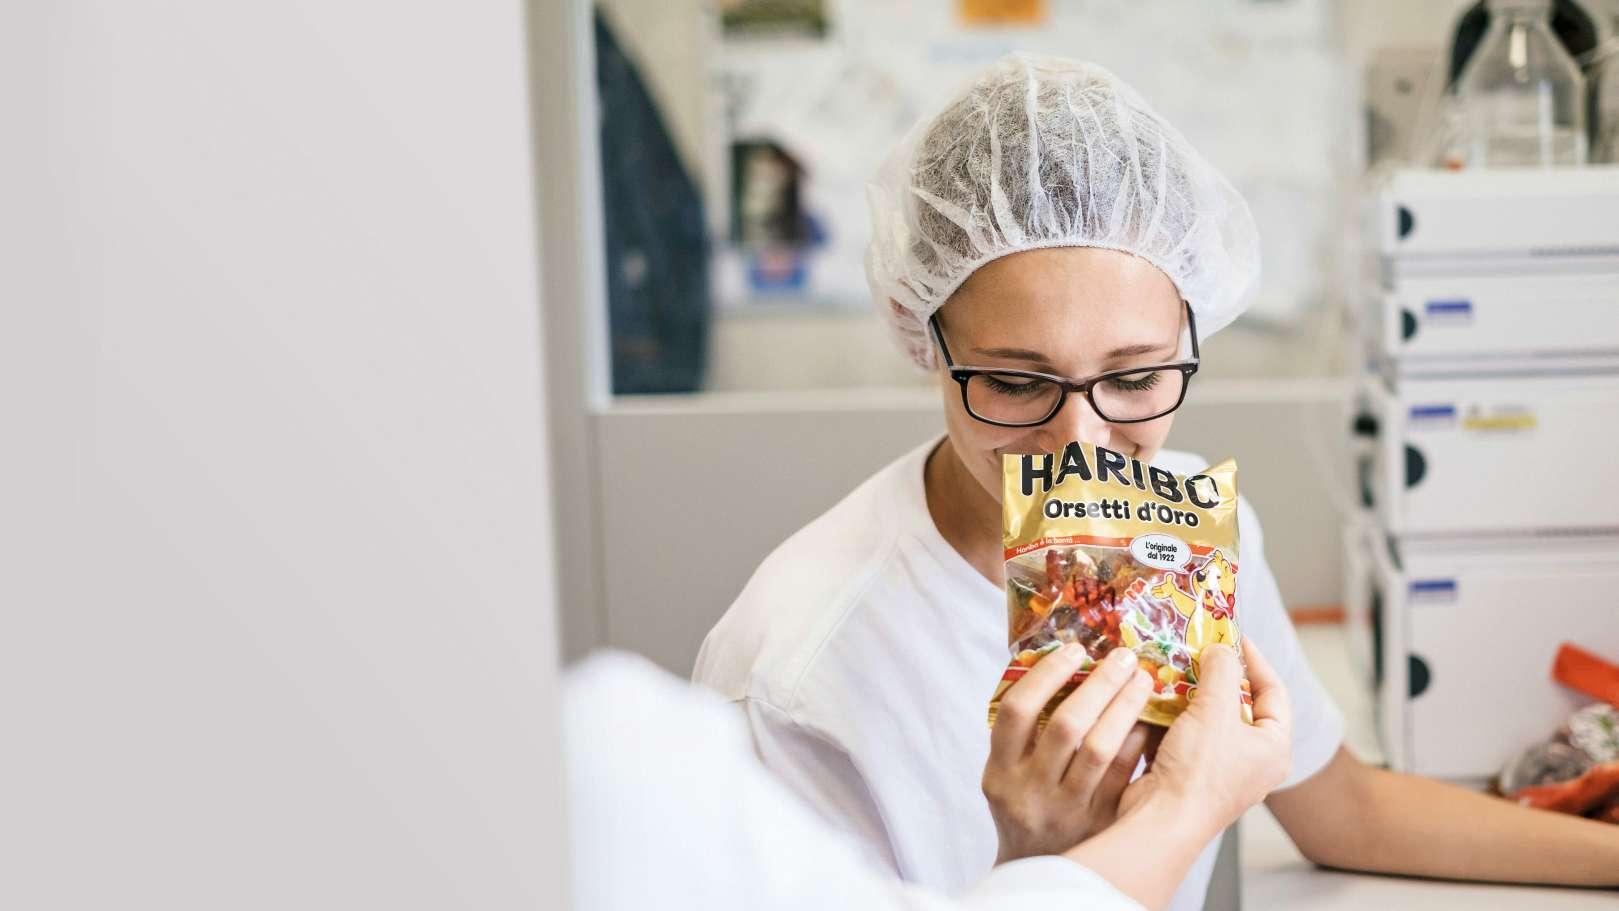 Controllo di qualità degli Orsetti d'Oro HARIBO